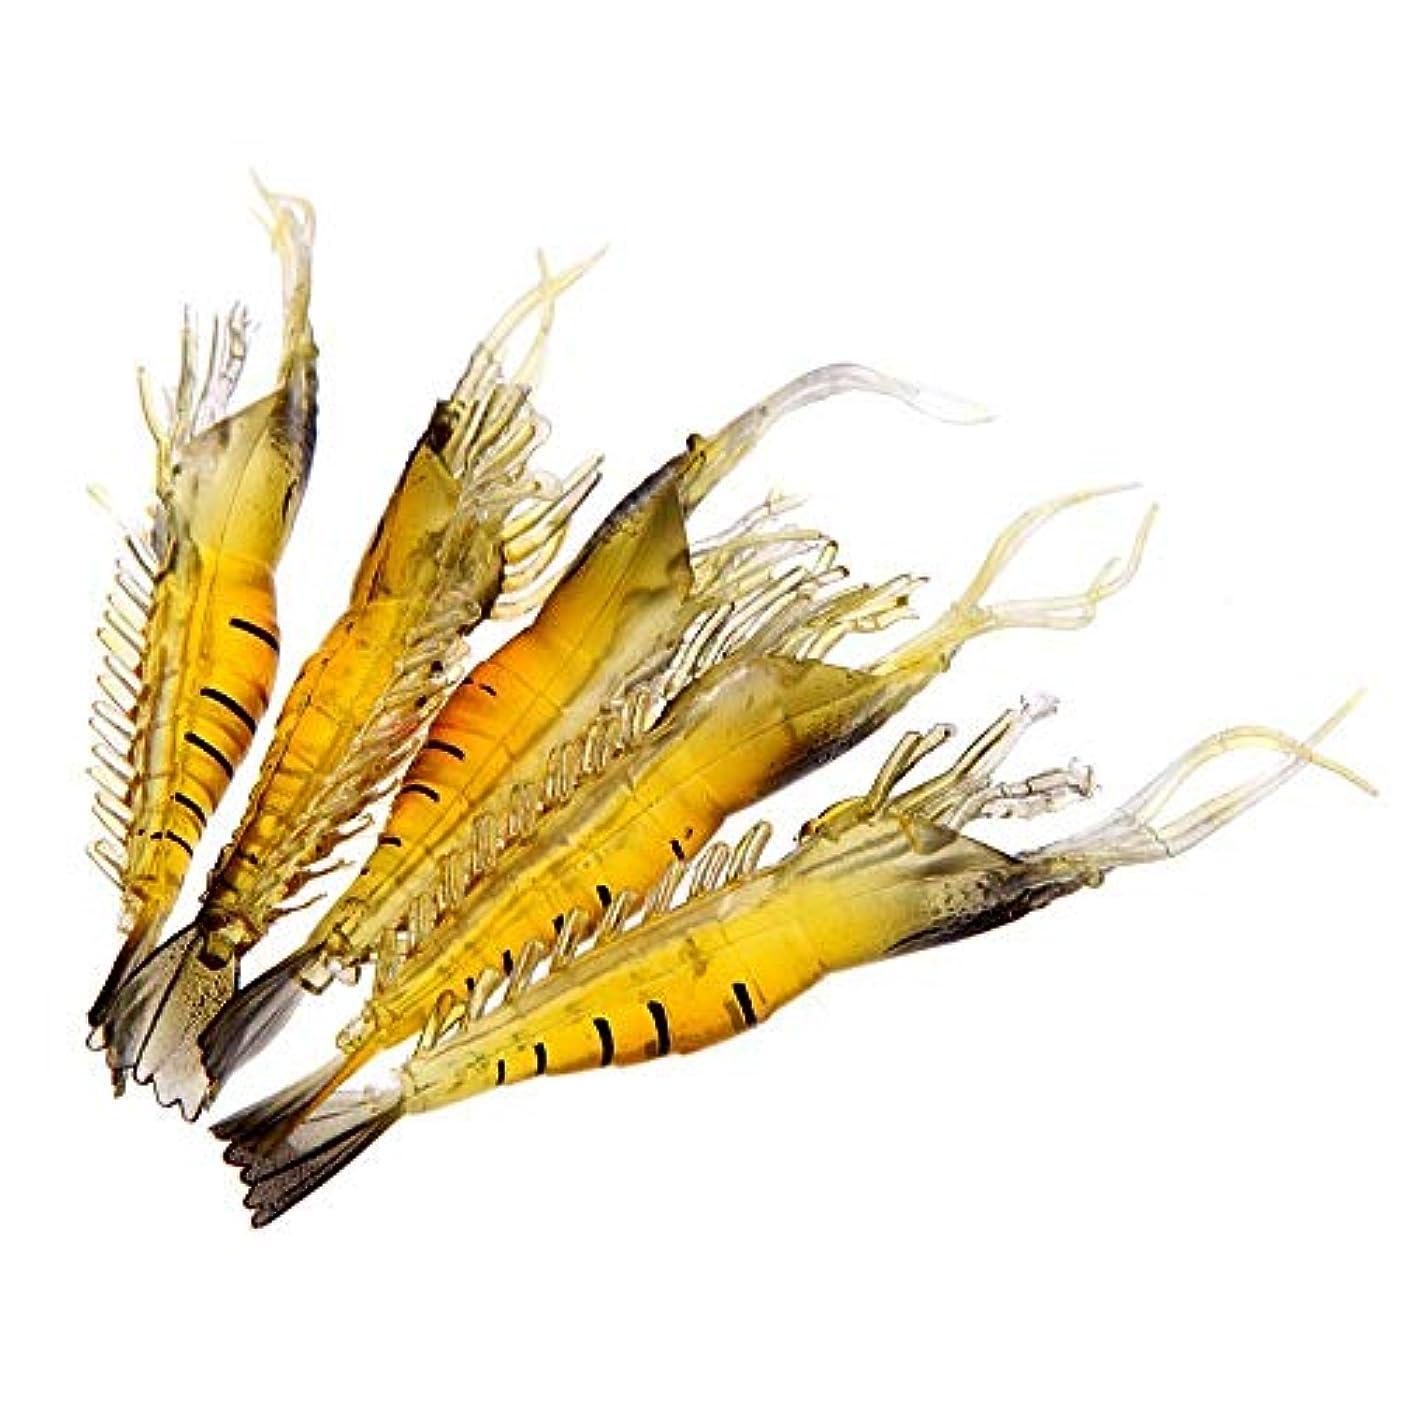 彫刻フローティング腐敗5個 9cm 4g アウトドアフィッシングルアーソフトシミュレーション 軽量エビ餌 魚臭い 黄色 丈夫 zhangs shop